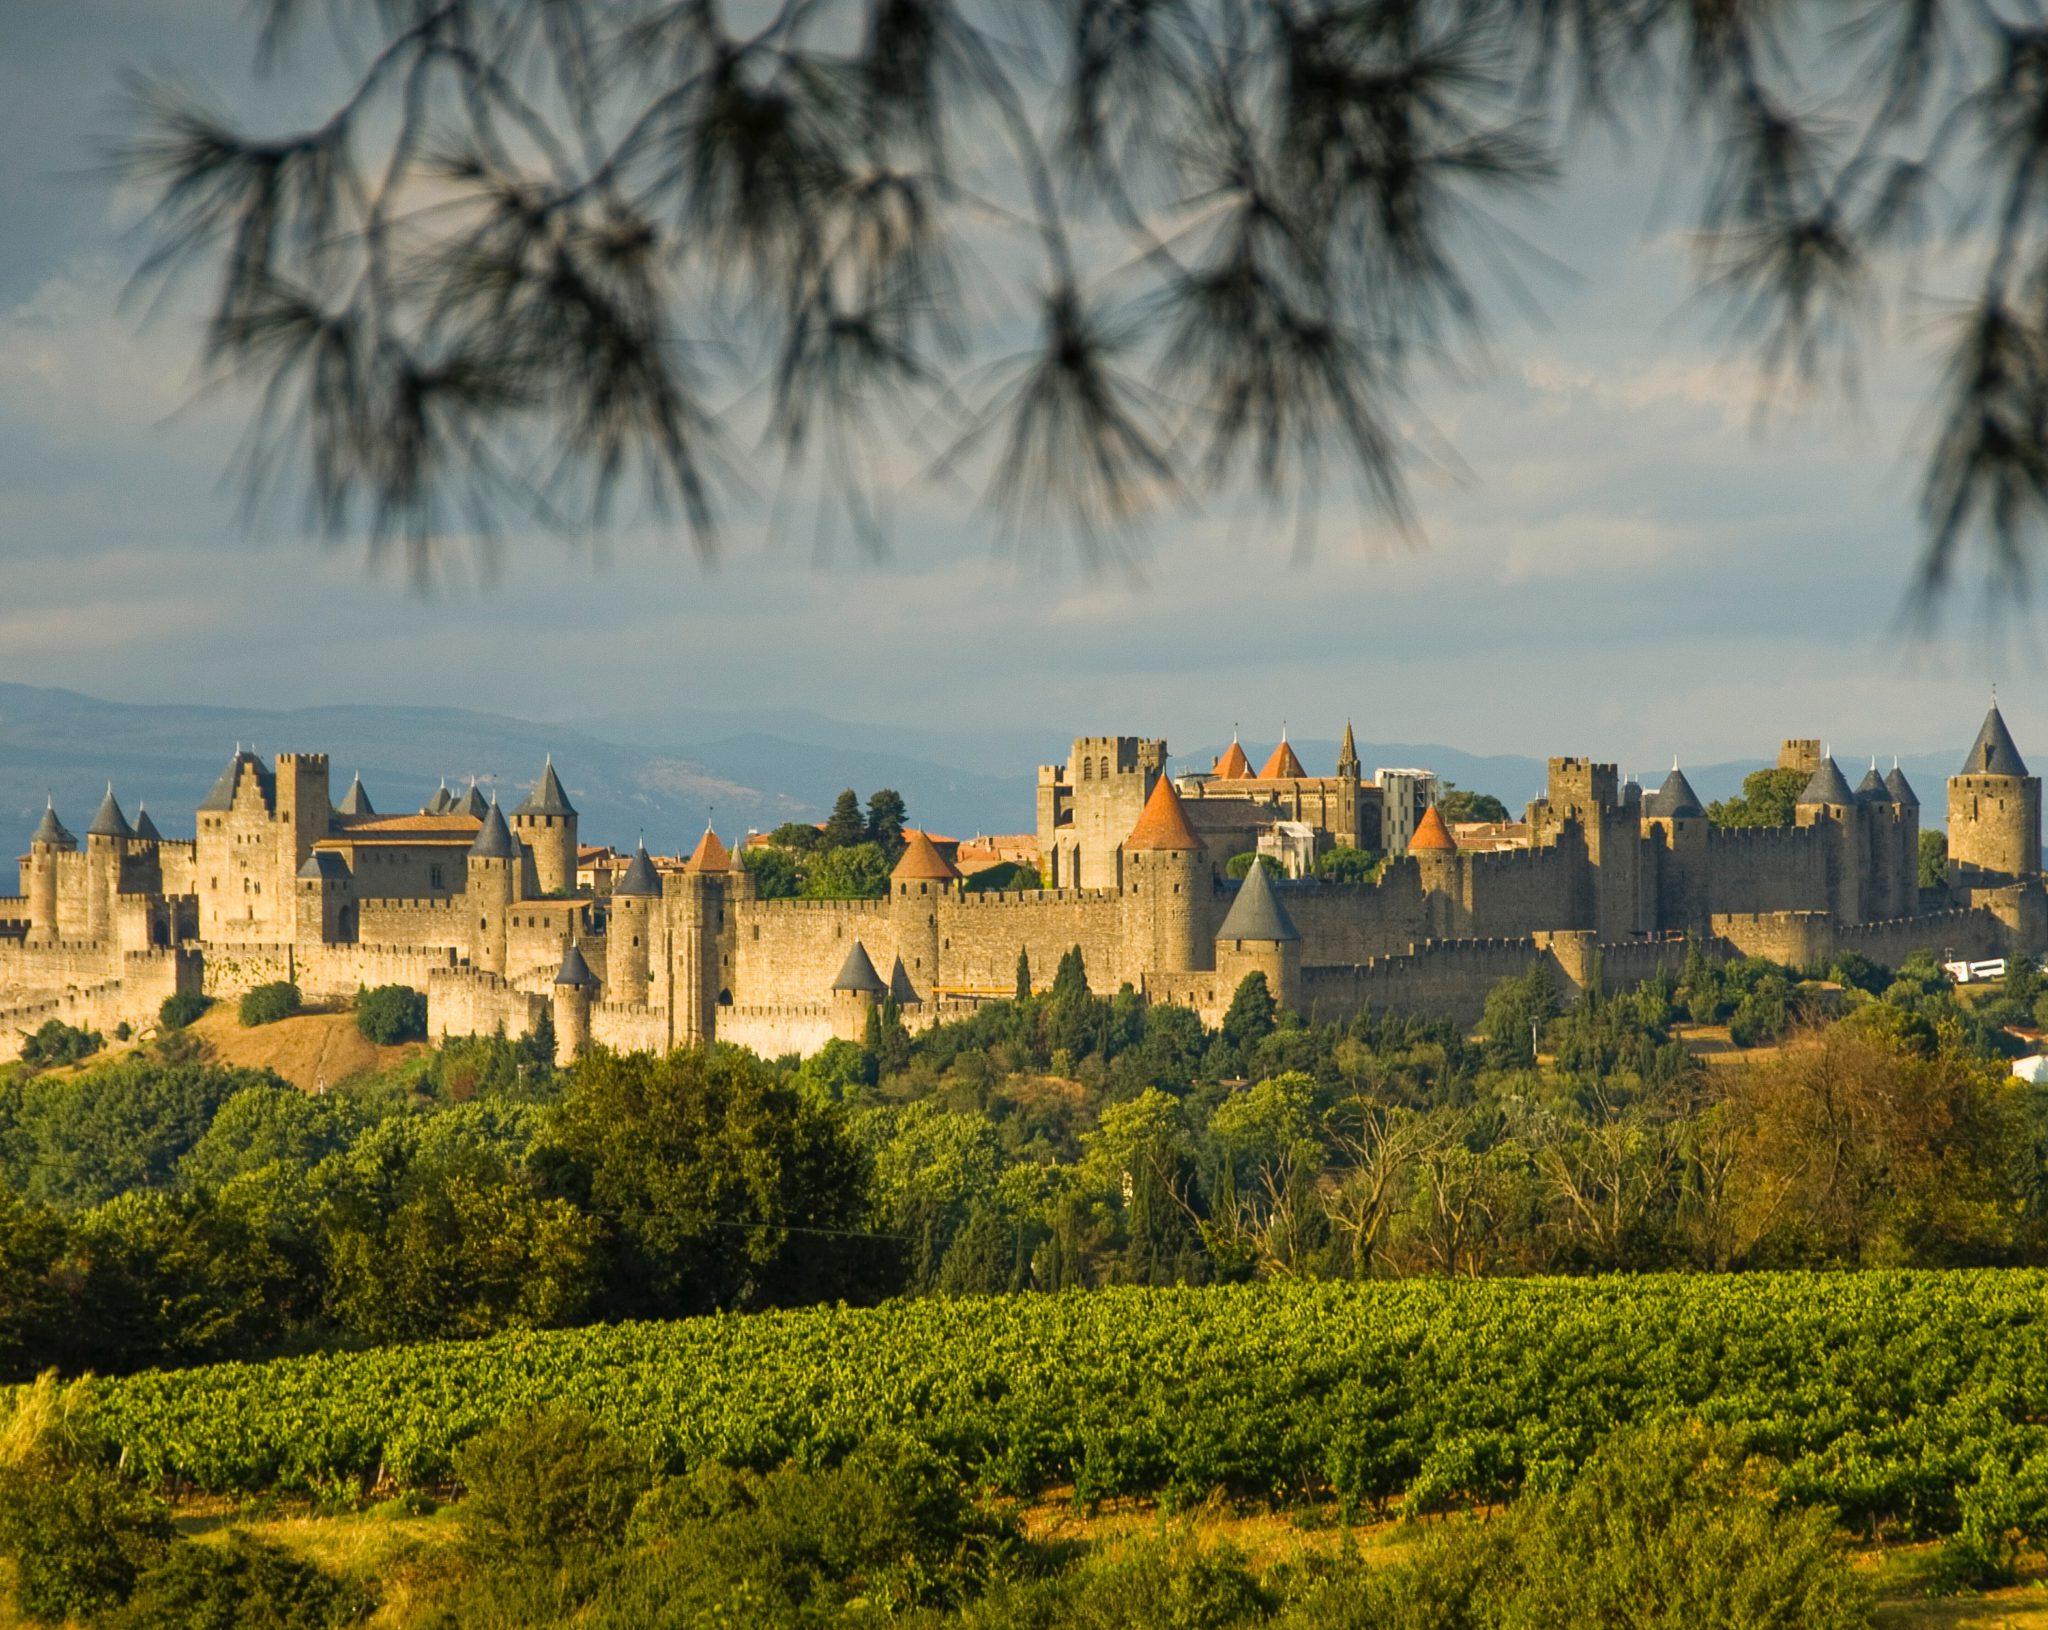 Cite de Carcassonne en France